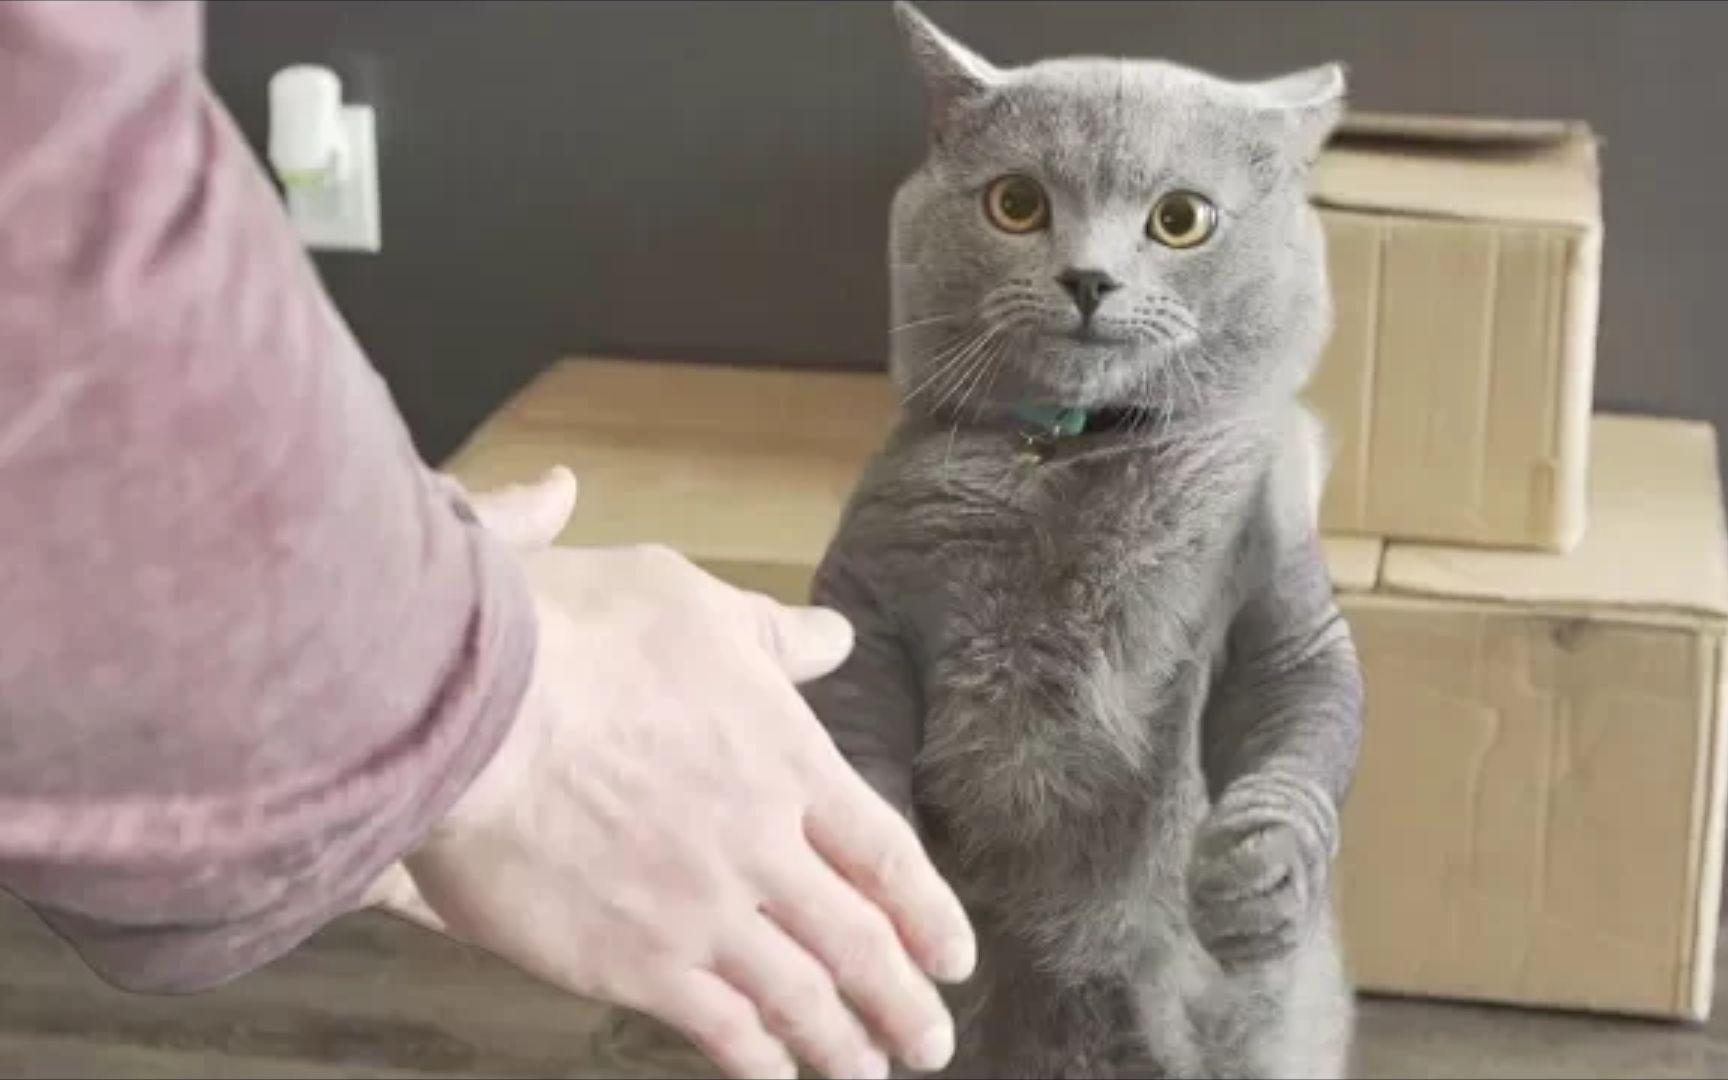 猫咪视频_谁有猫咪视频播放器还是有类似的视频播放器.